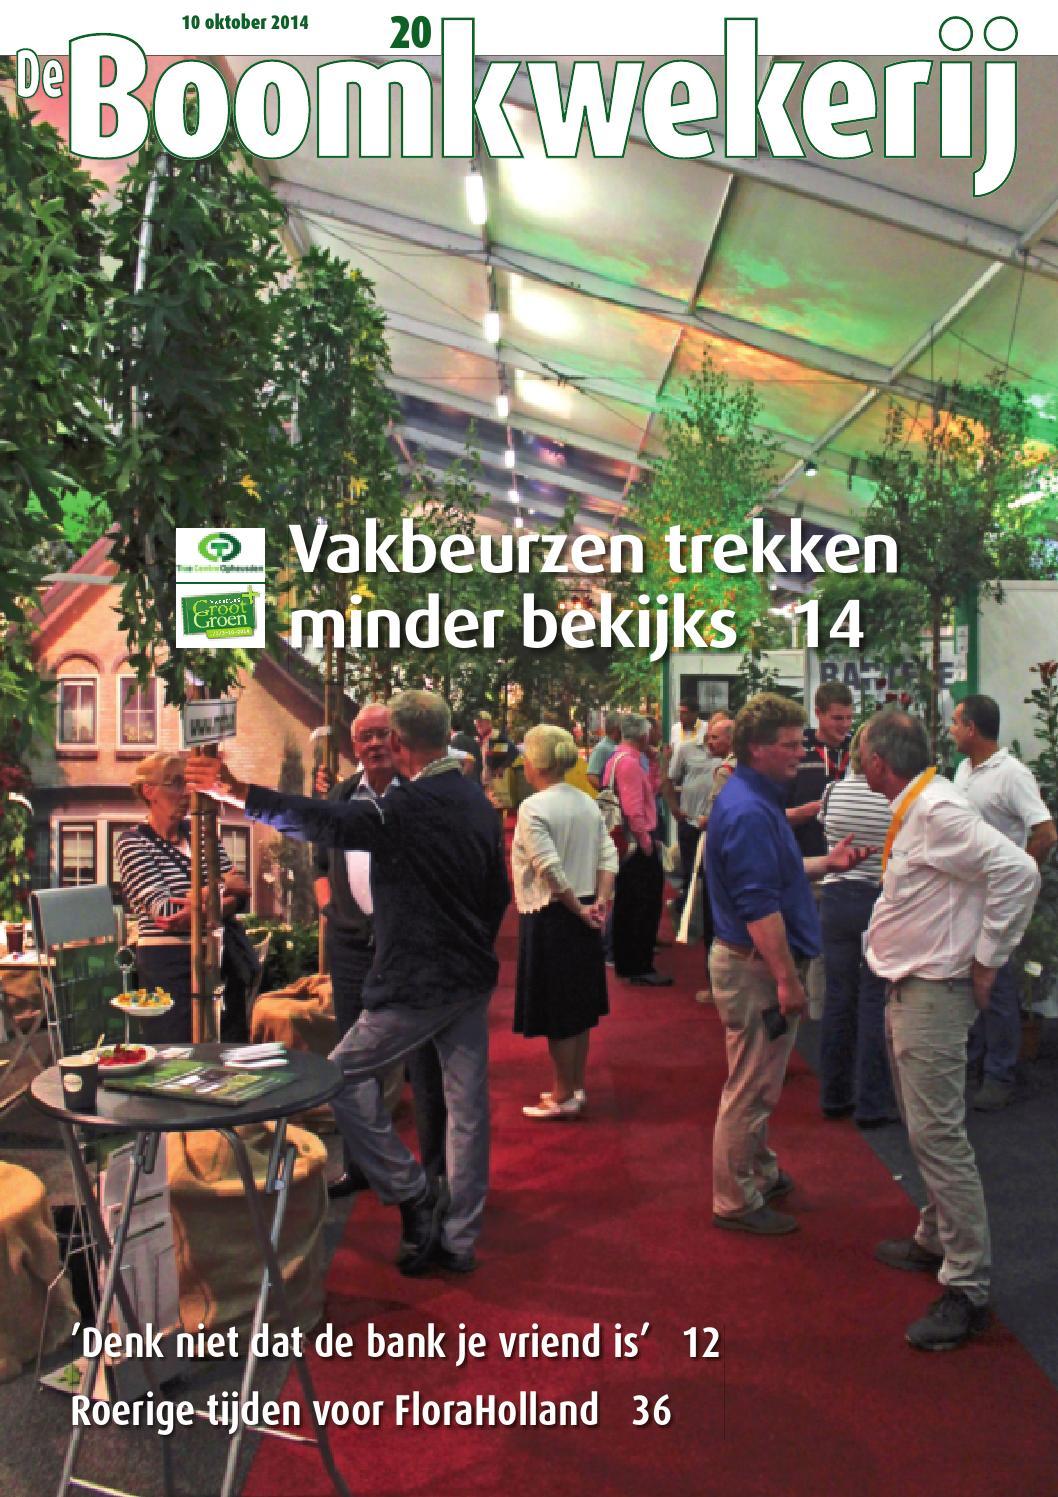 Bkw 22 2014 by stichting vakinformatie siergewassen   issuu